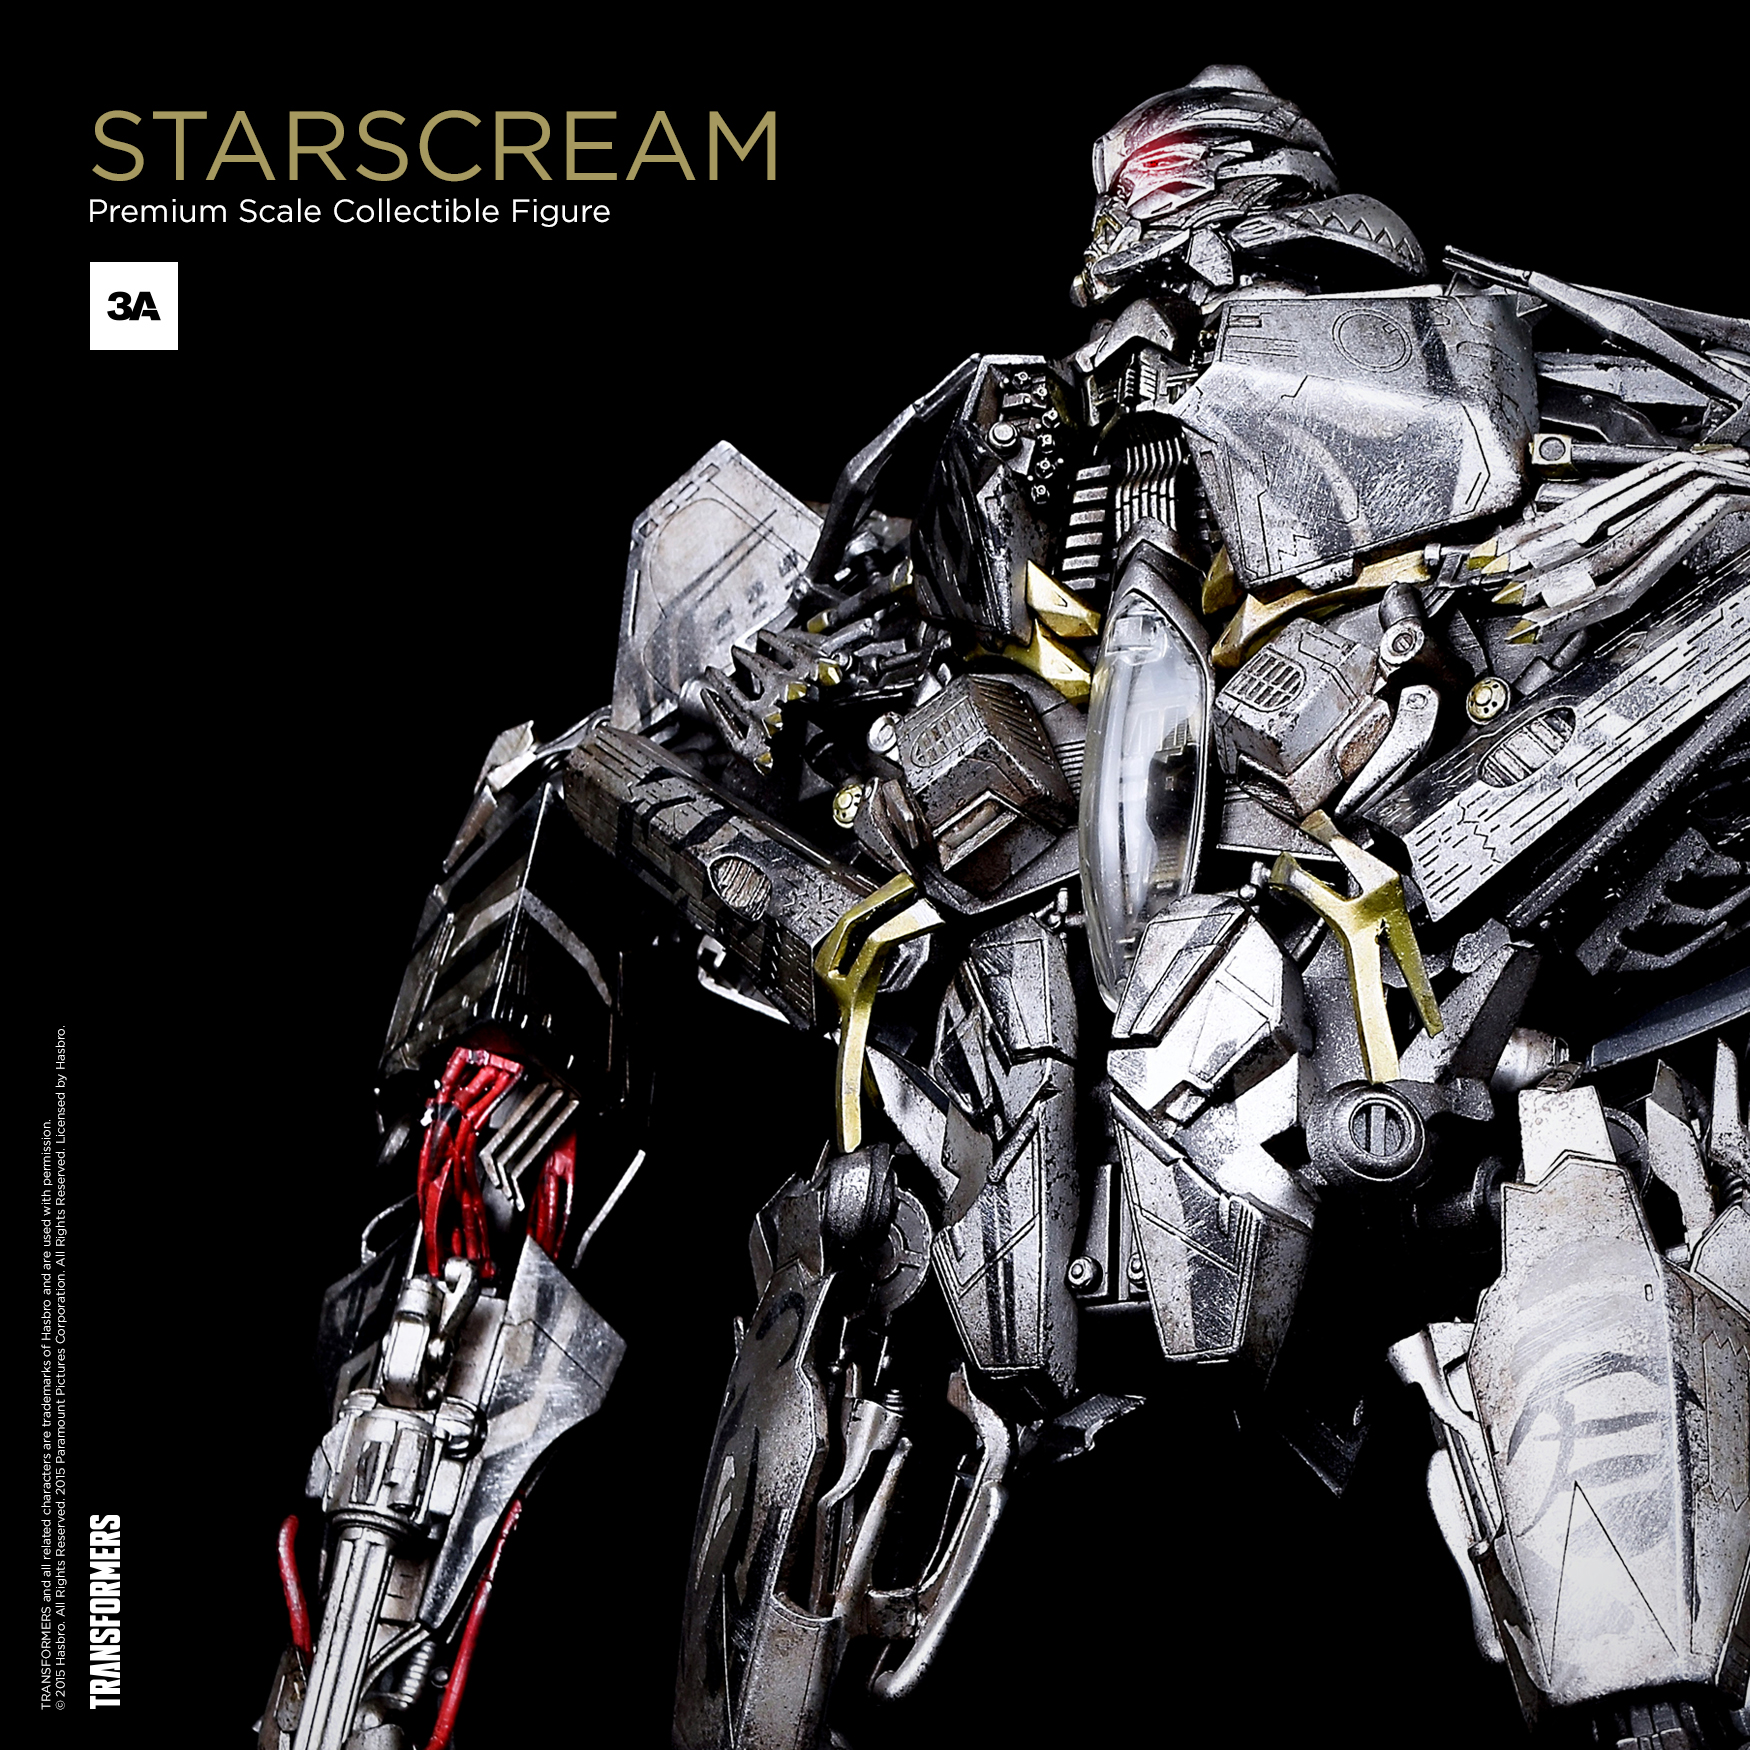 3A_Transformers_Starscream_Ad_1750x1750_E_001.jpg